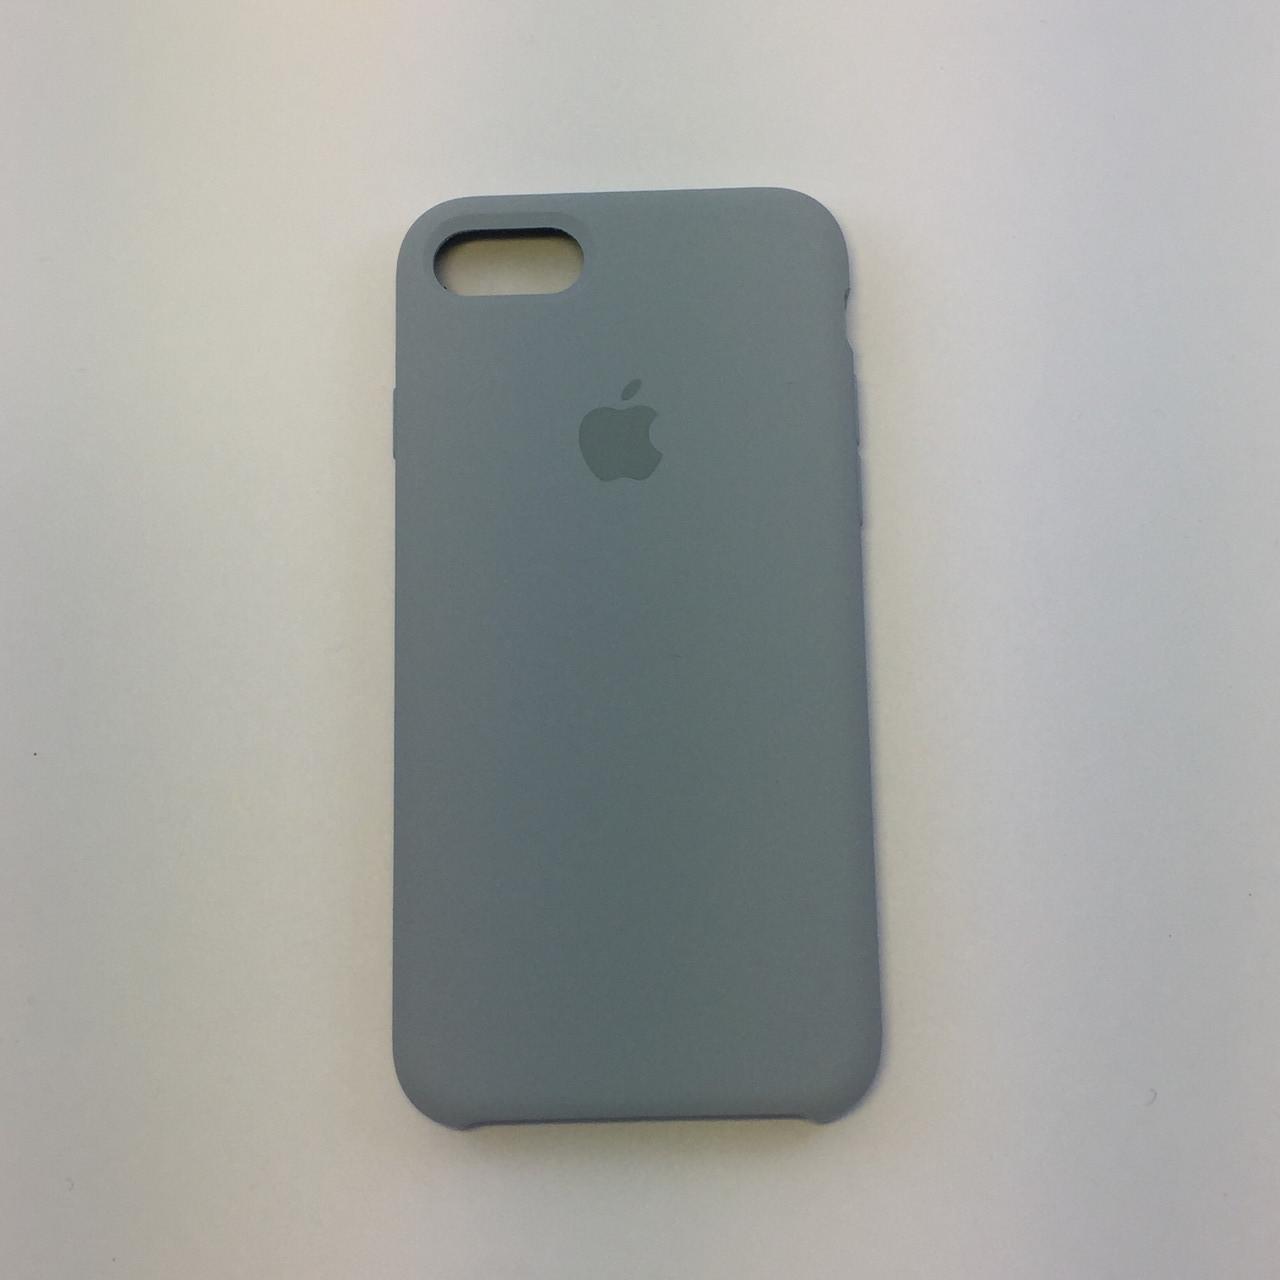 Силиконовый чехол iPhone 7, облако, copy original